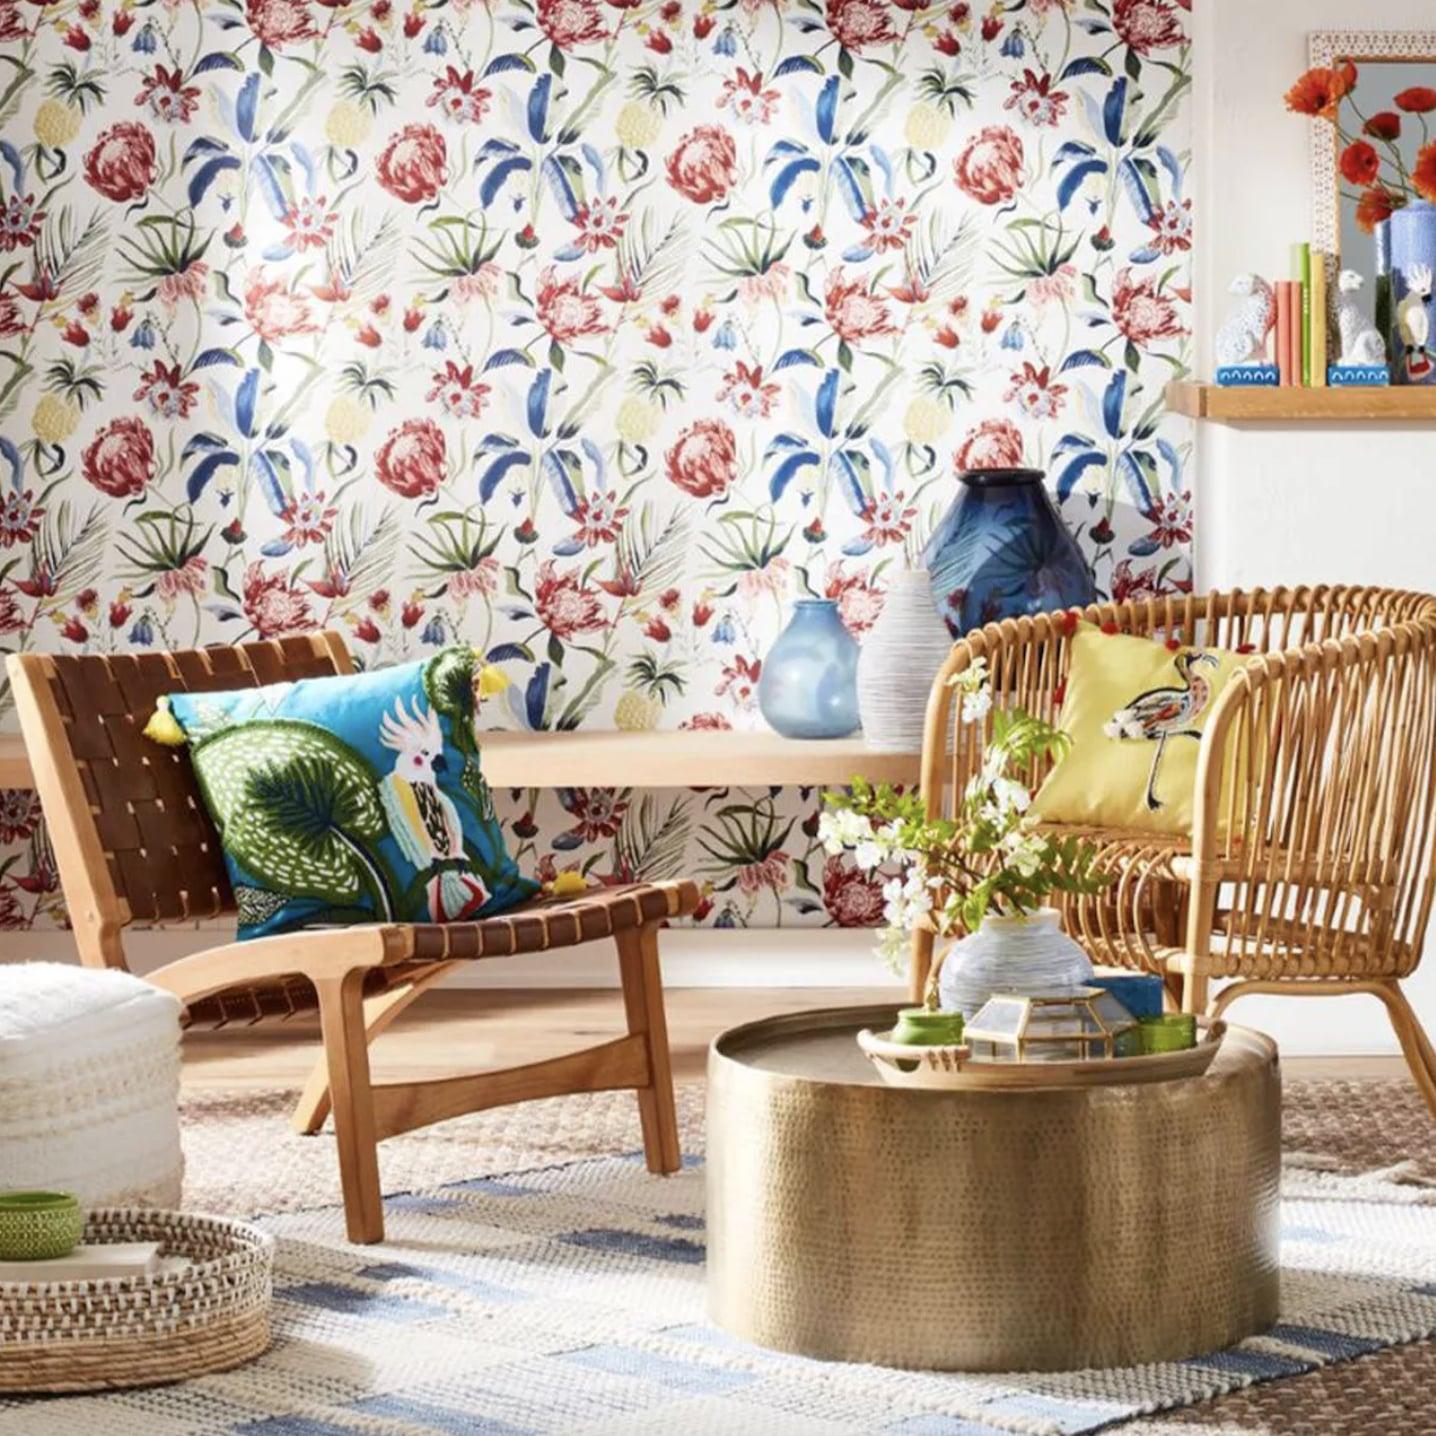 Best Spring Home Decor From Target Popsugar Home